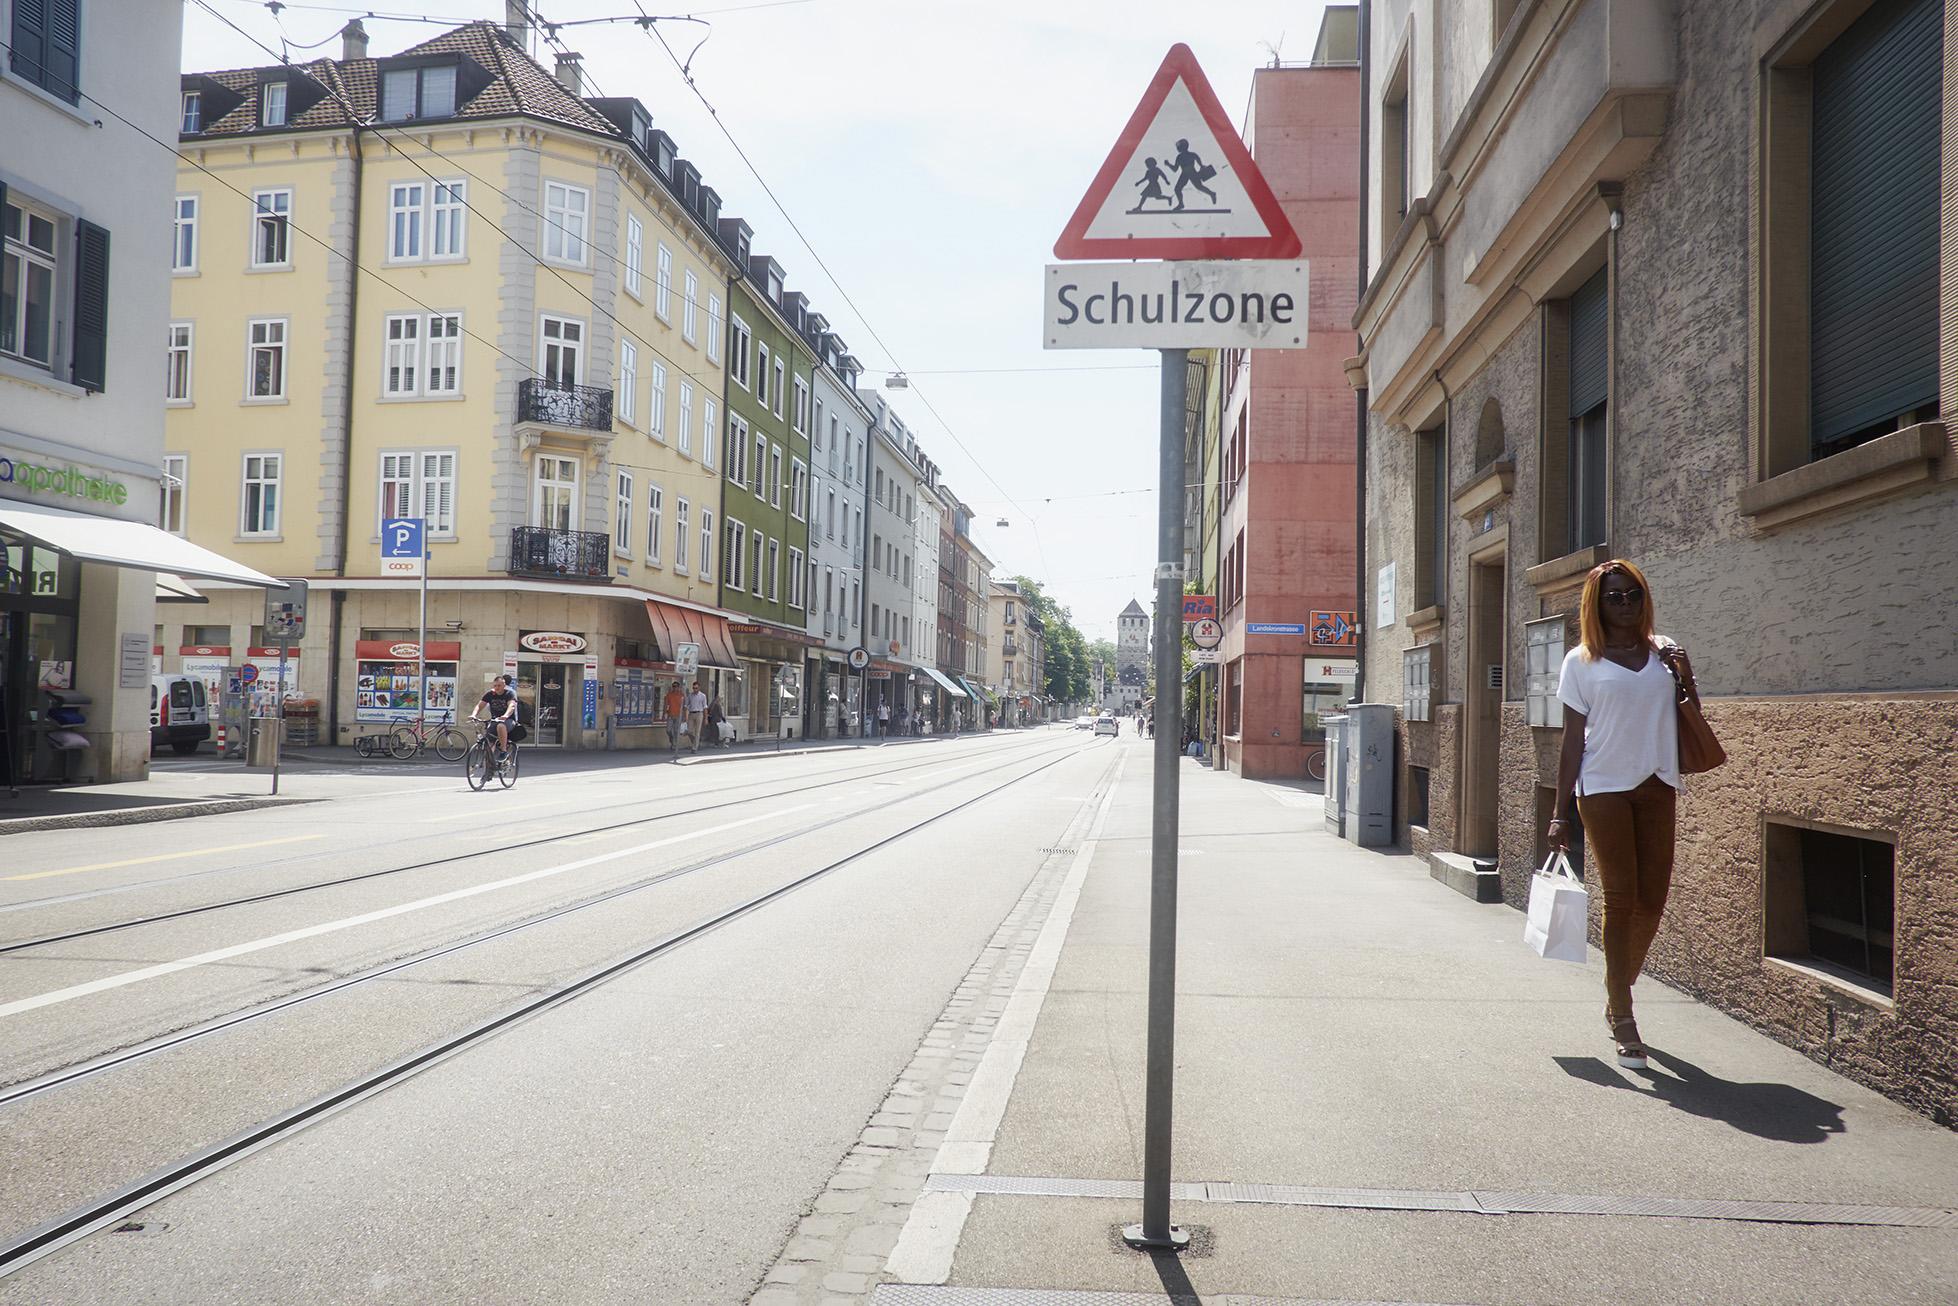 Die Elsässerstrasse ist eine Lebensader im Quartier, aber es gibt noch viel Handlungsbedarf.